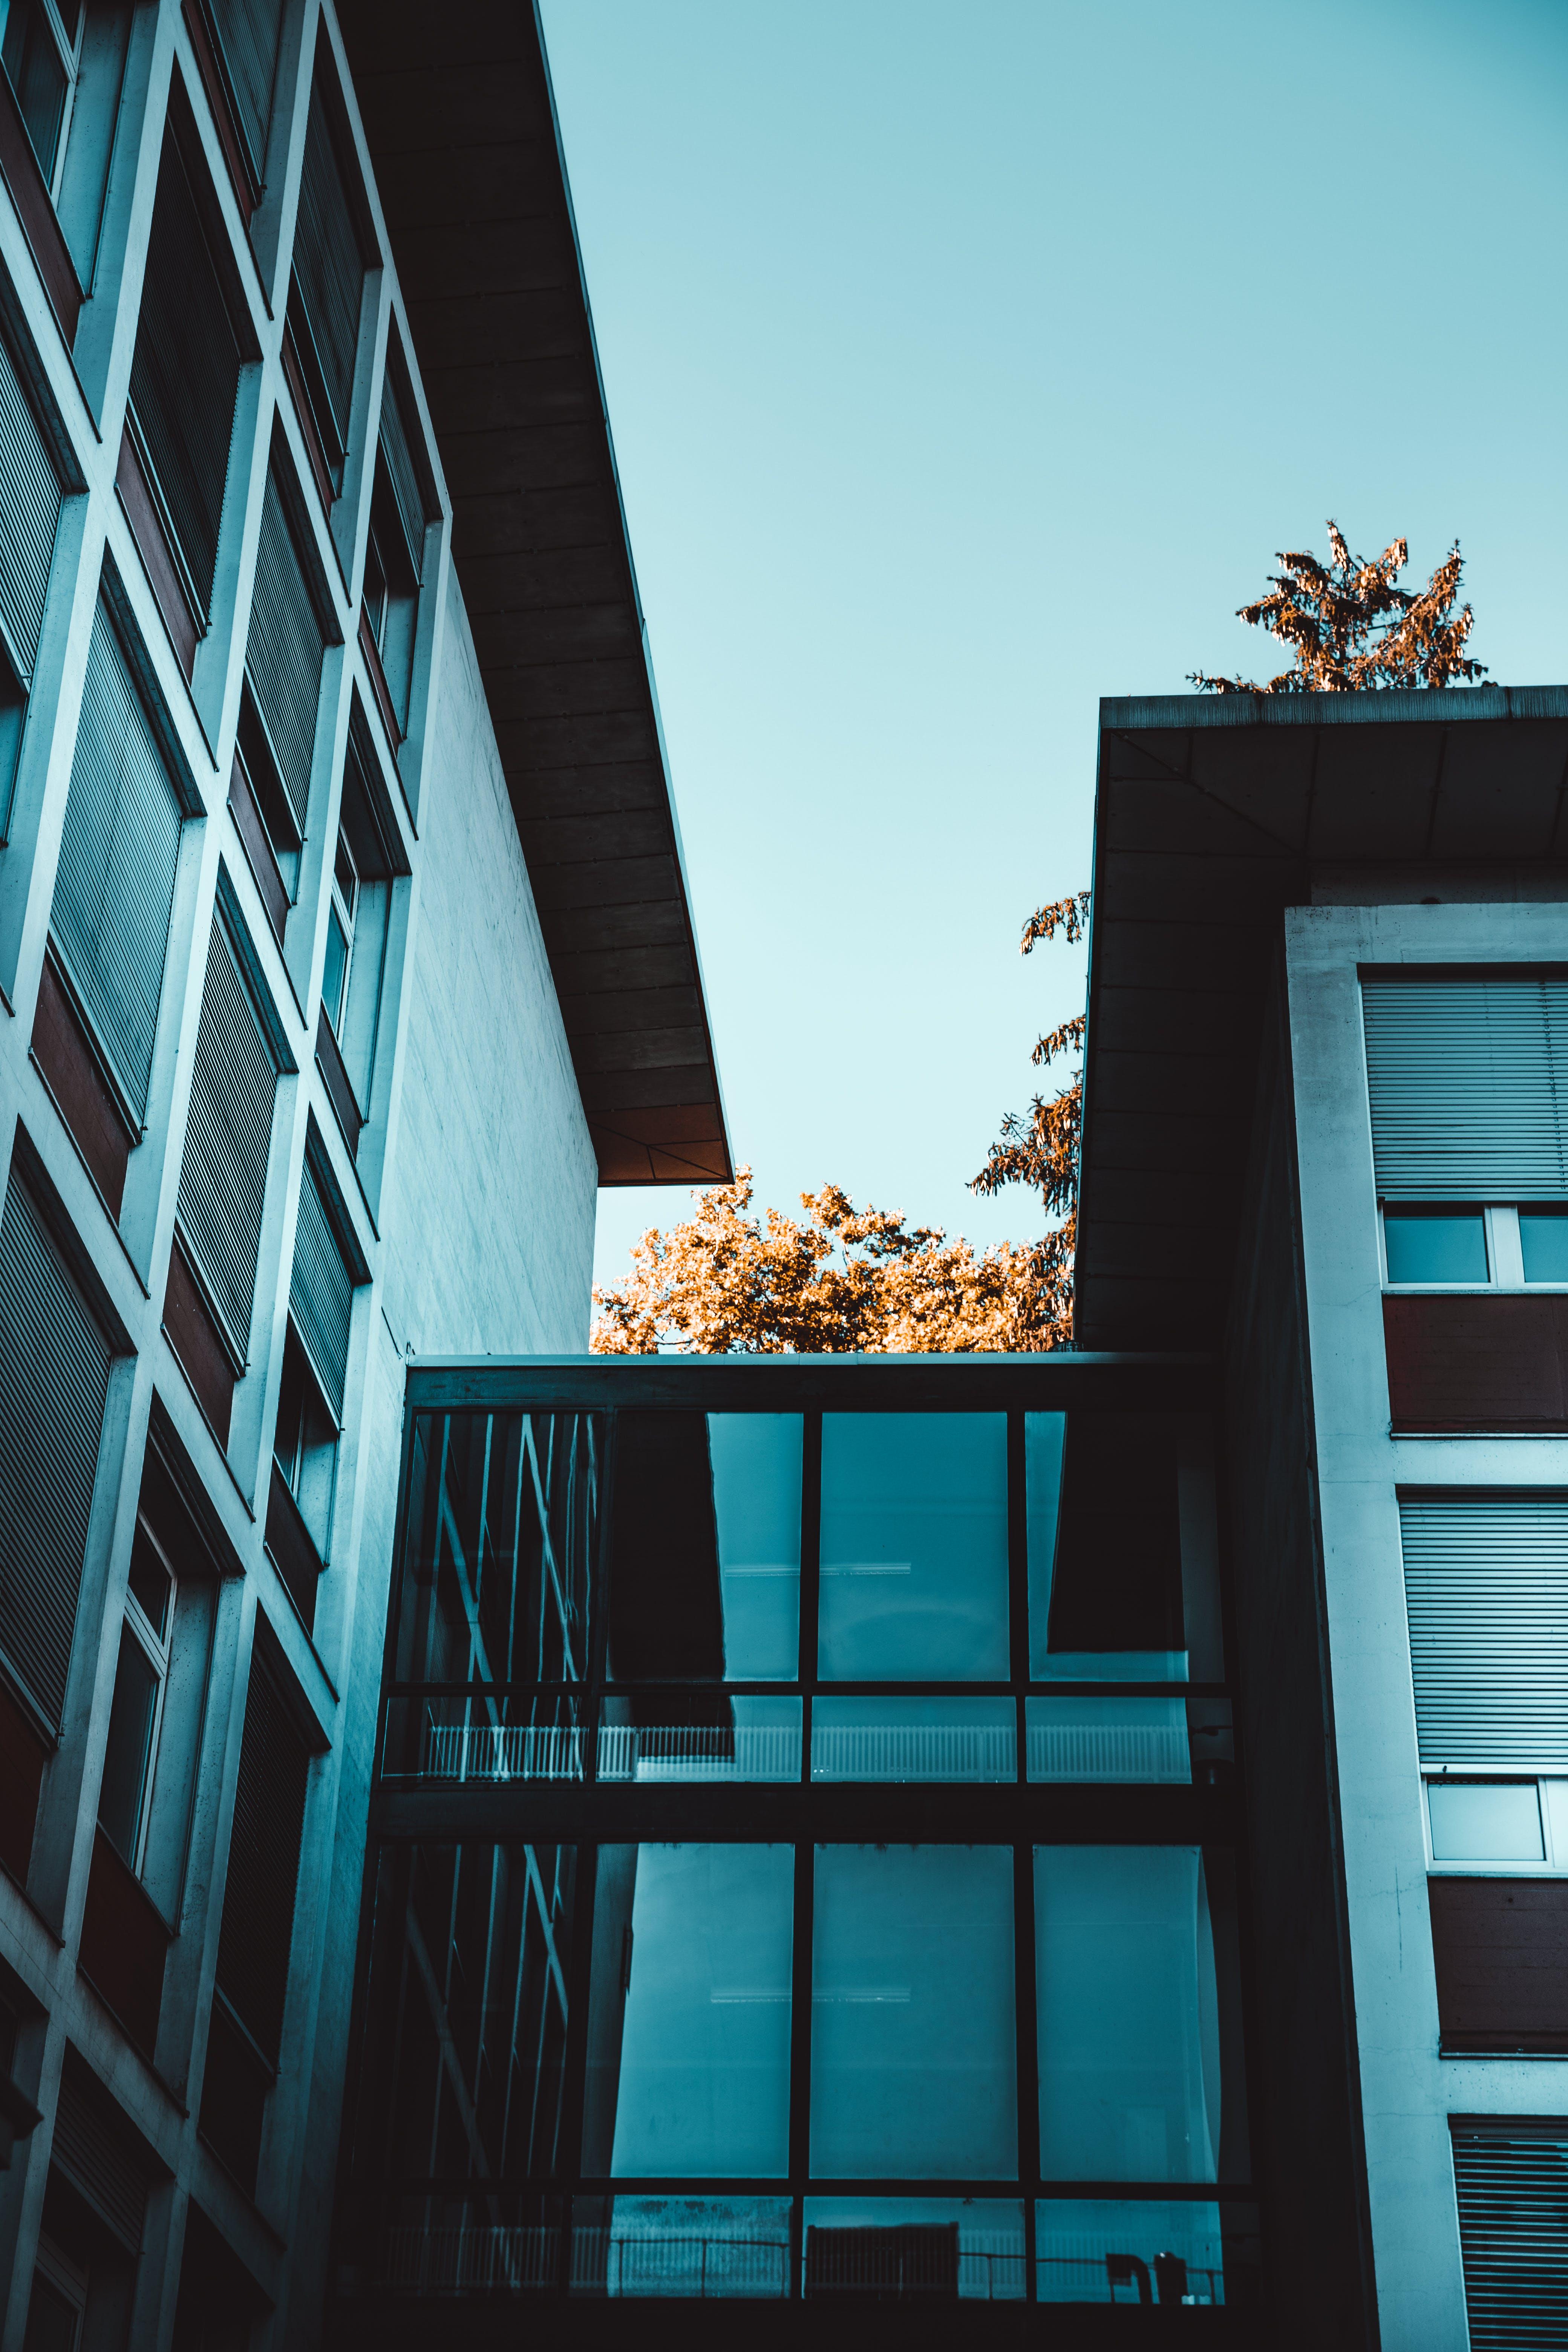 Foto d'estoc gratuïta de acer, arquitectura, articles de vidre, cel